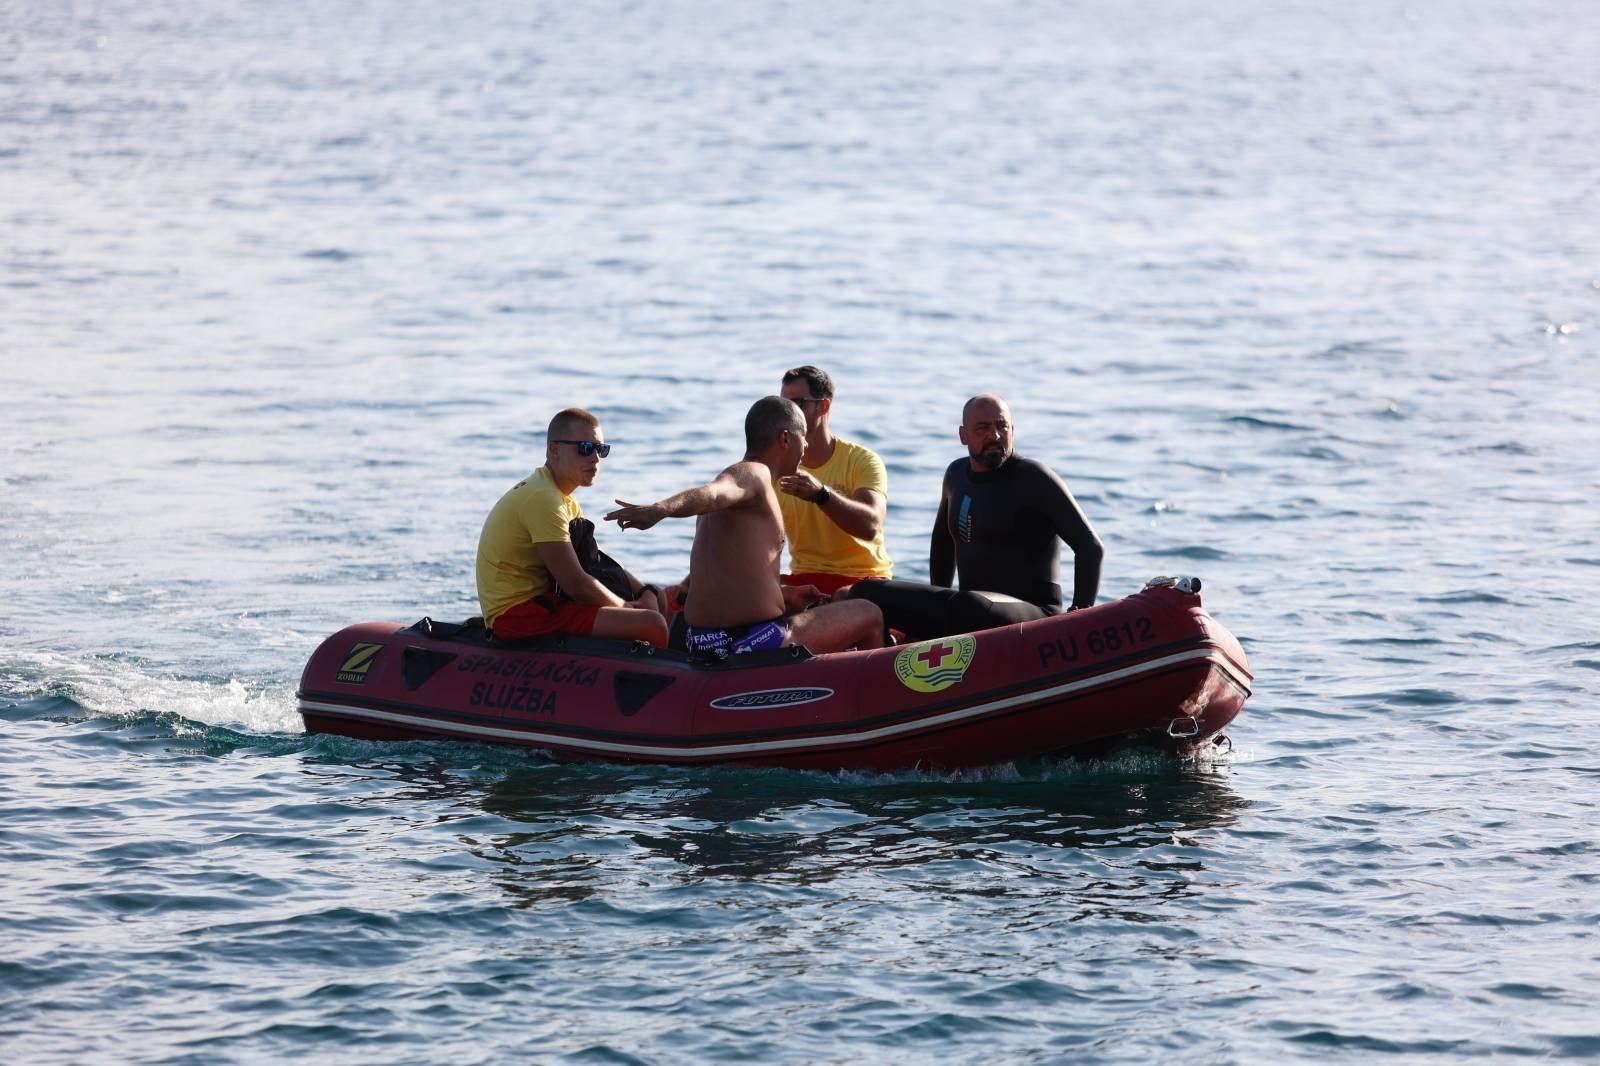 Domagoj Jakopović Ribafish stigao je sa svojim projektom #RokOtok u zadarski arhipelag